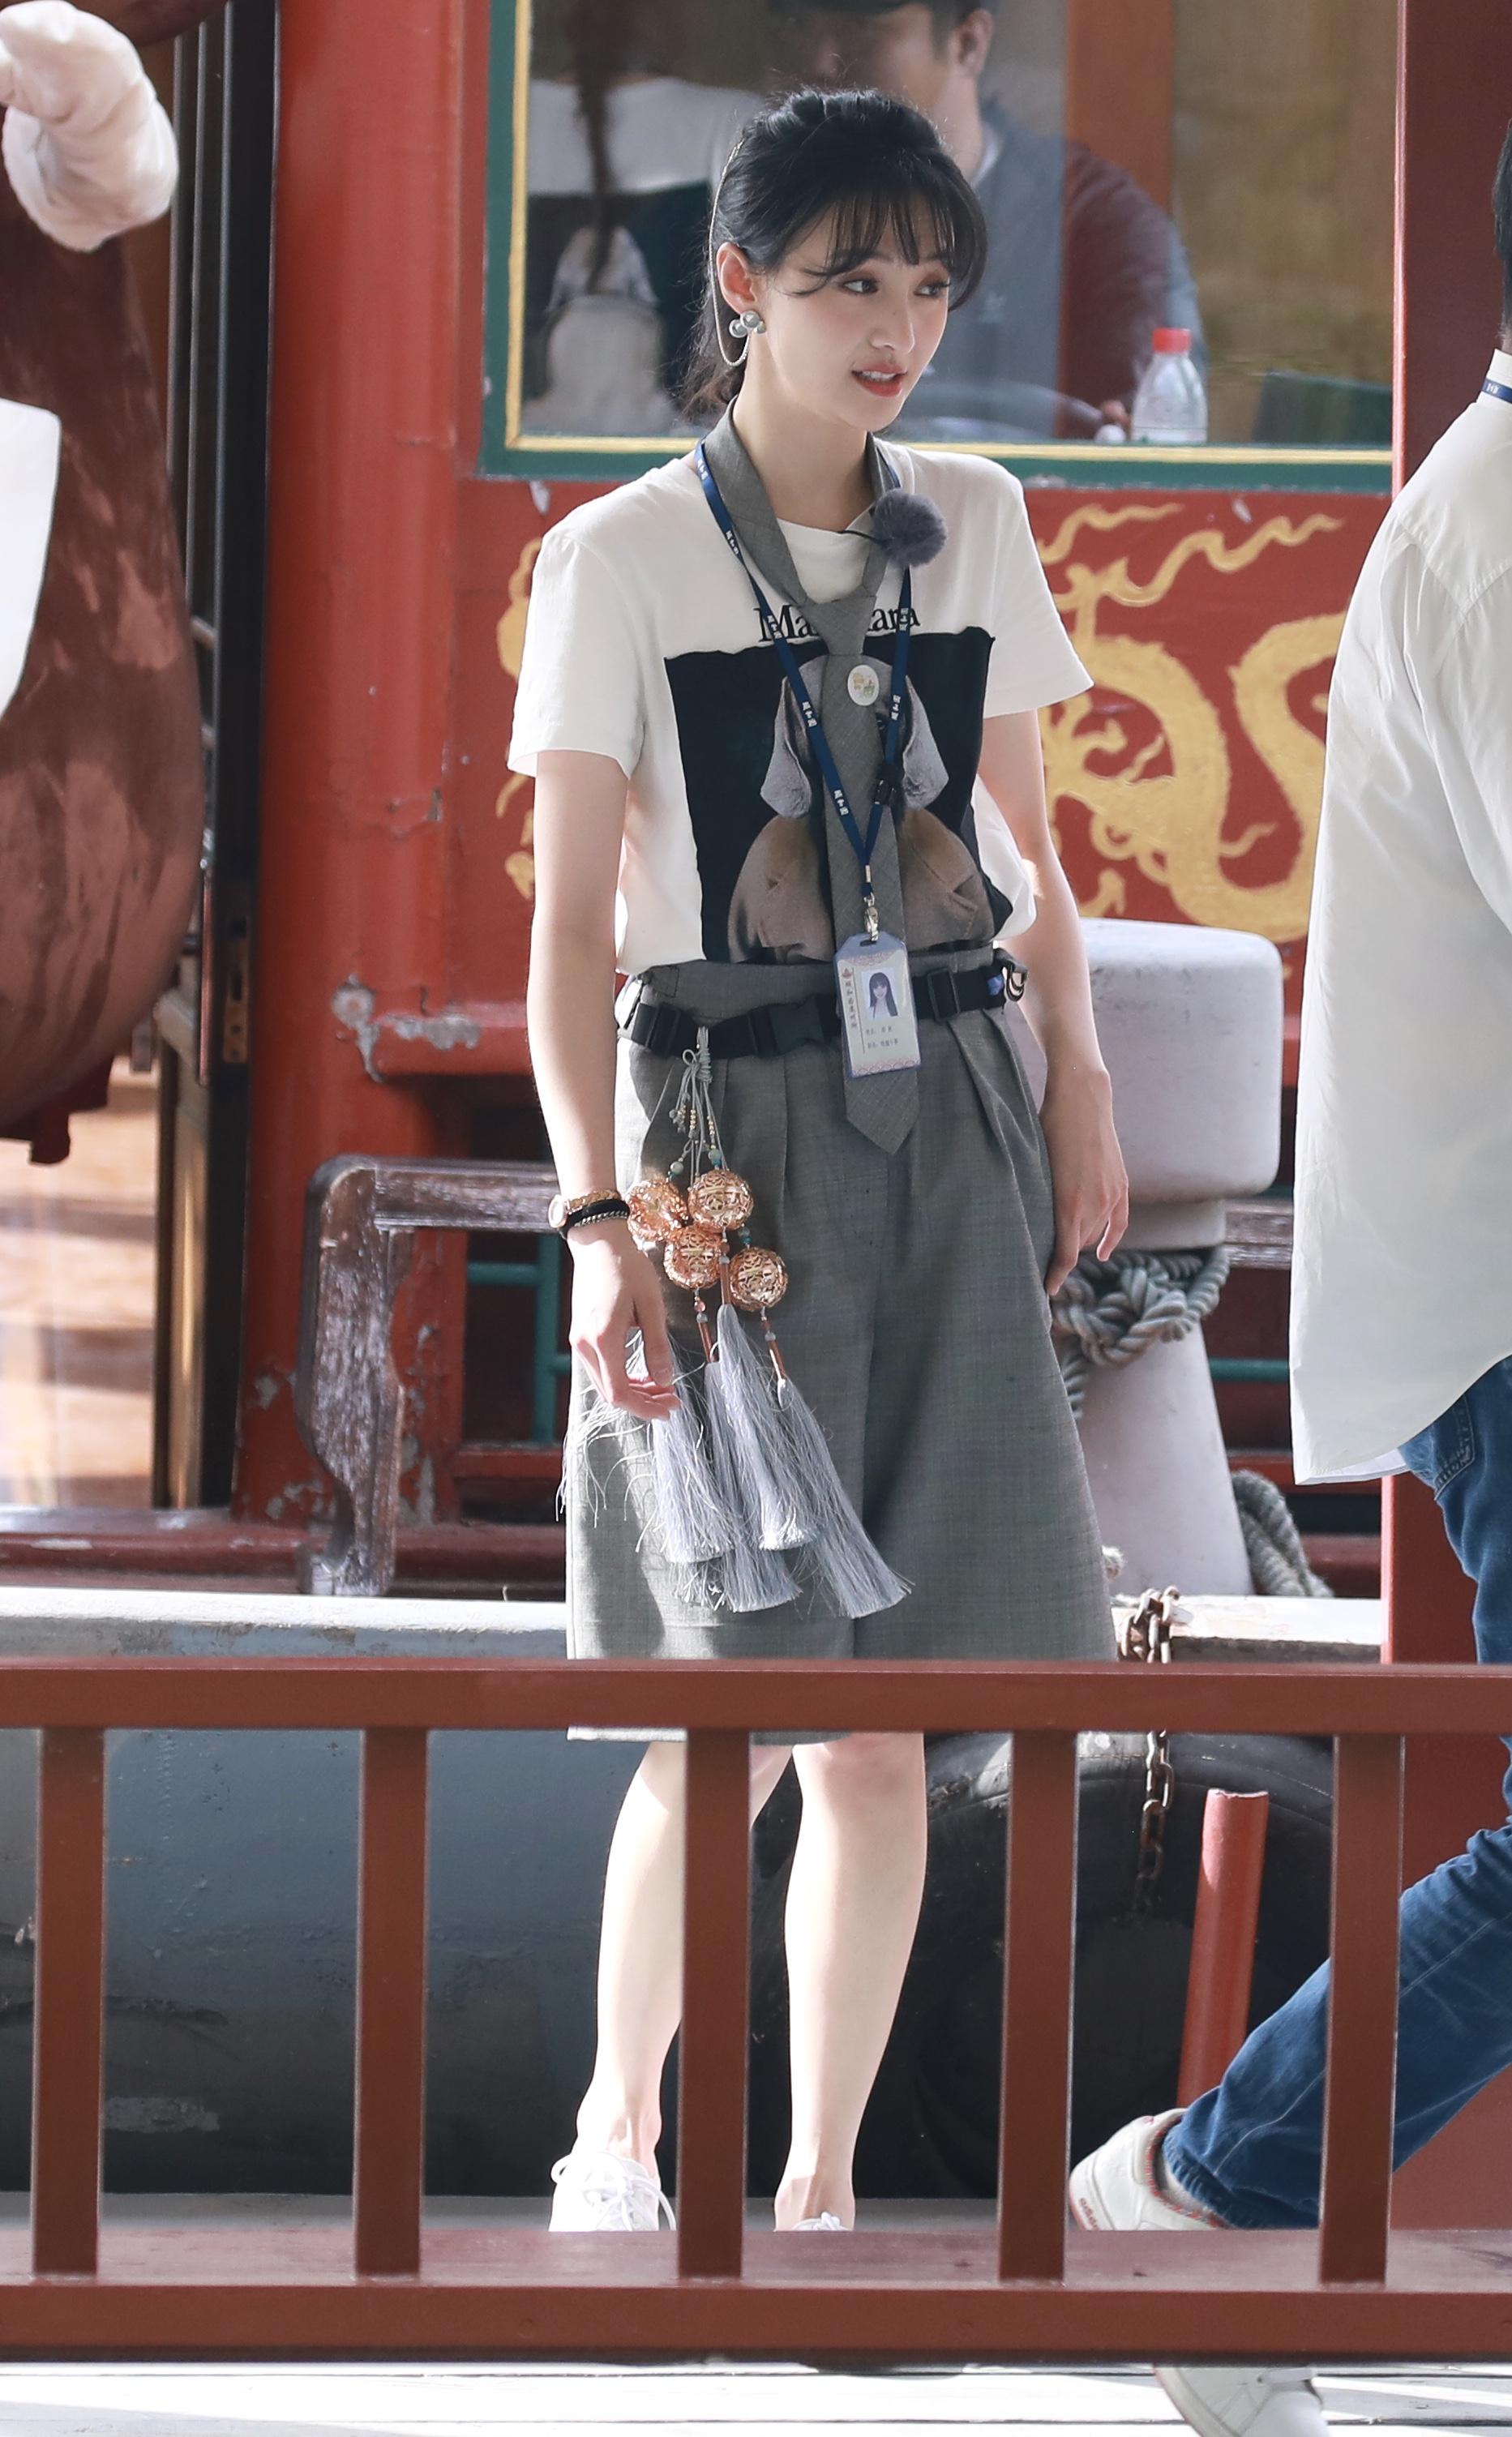 赵小棠郑爽都爱人的百慕大短裤 才是今夏的必穿着单品!